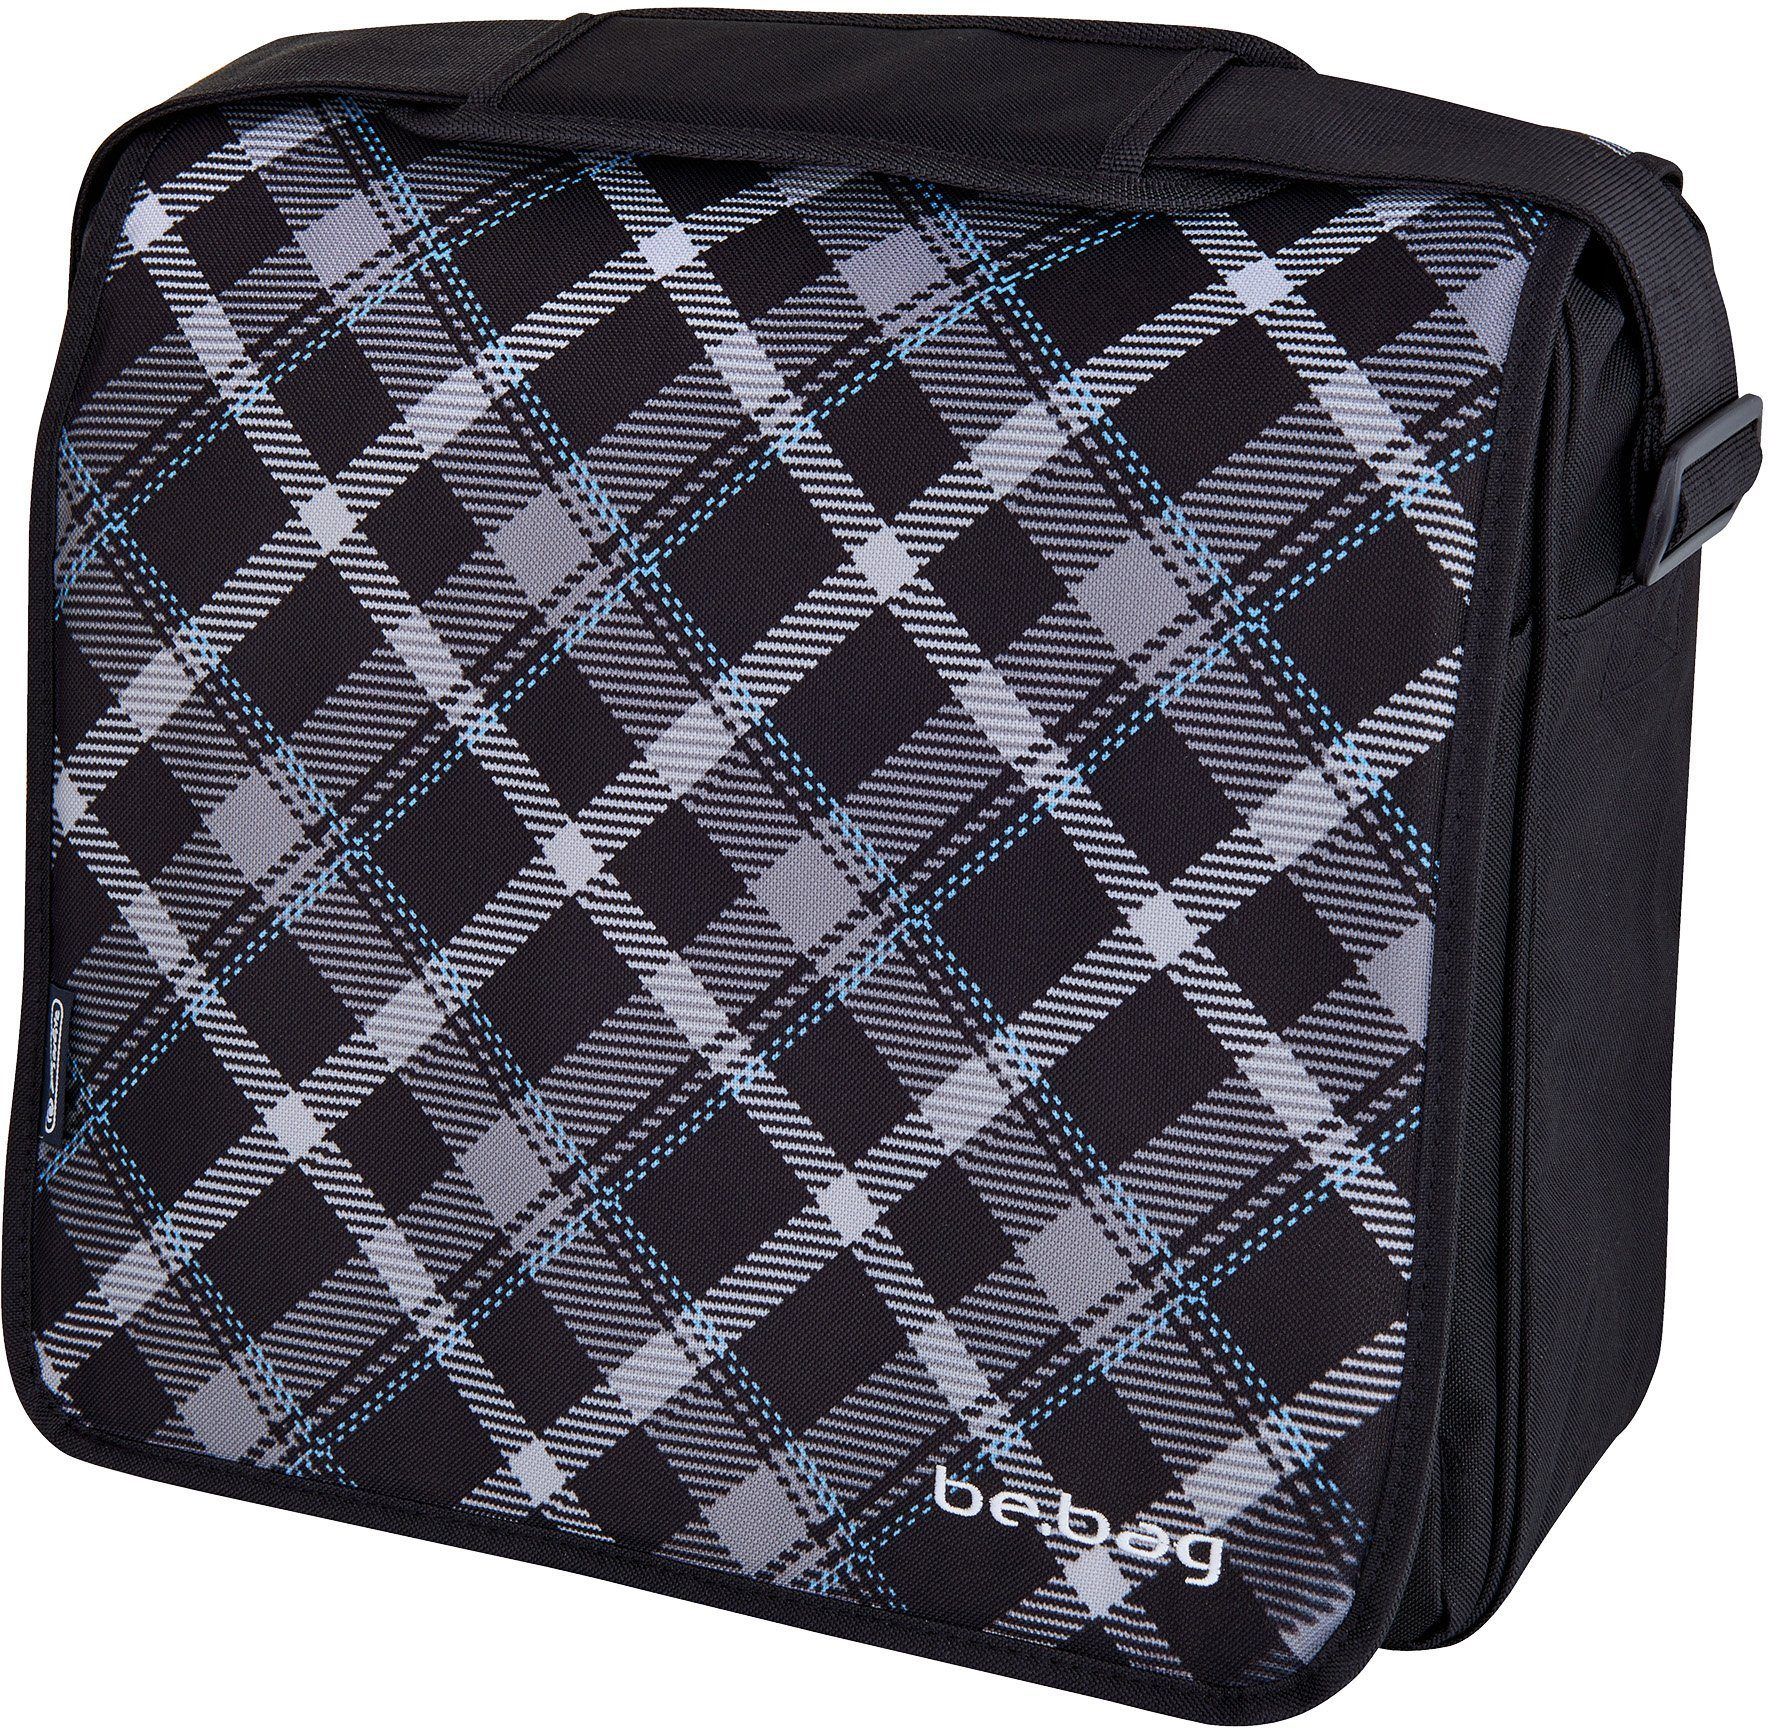 Herlitz Umhängetasche mit Laptopfach, »be.bag Messenger Bag, Black Checked«